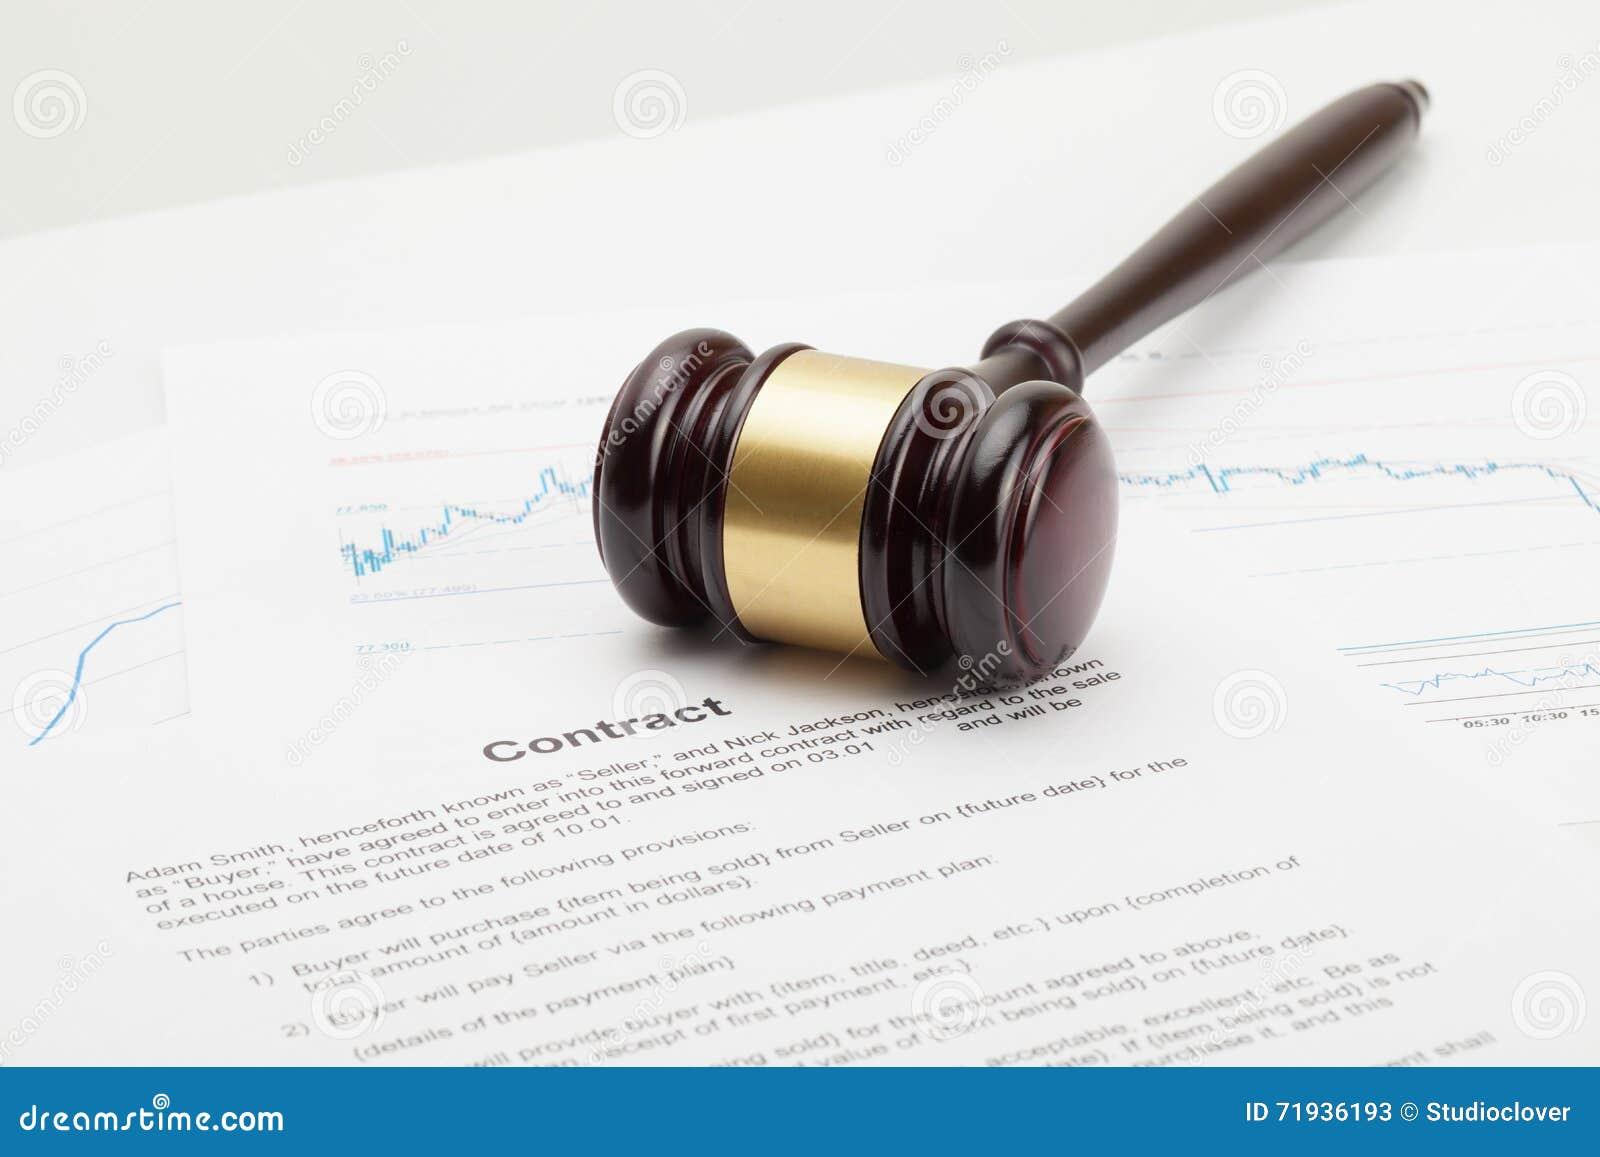 El mazo del juez de madera que es puesto sobre el contrato - tiro ascendente cercano del estudio